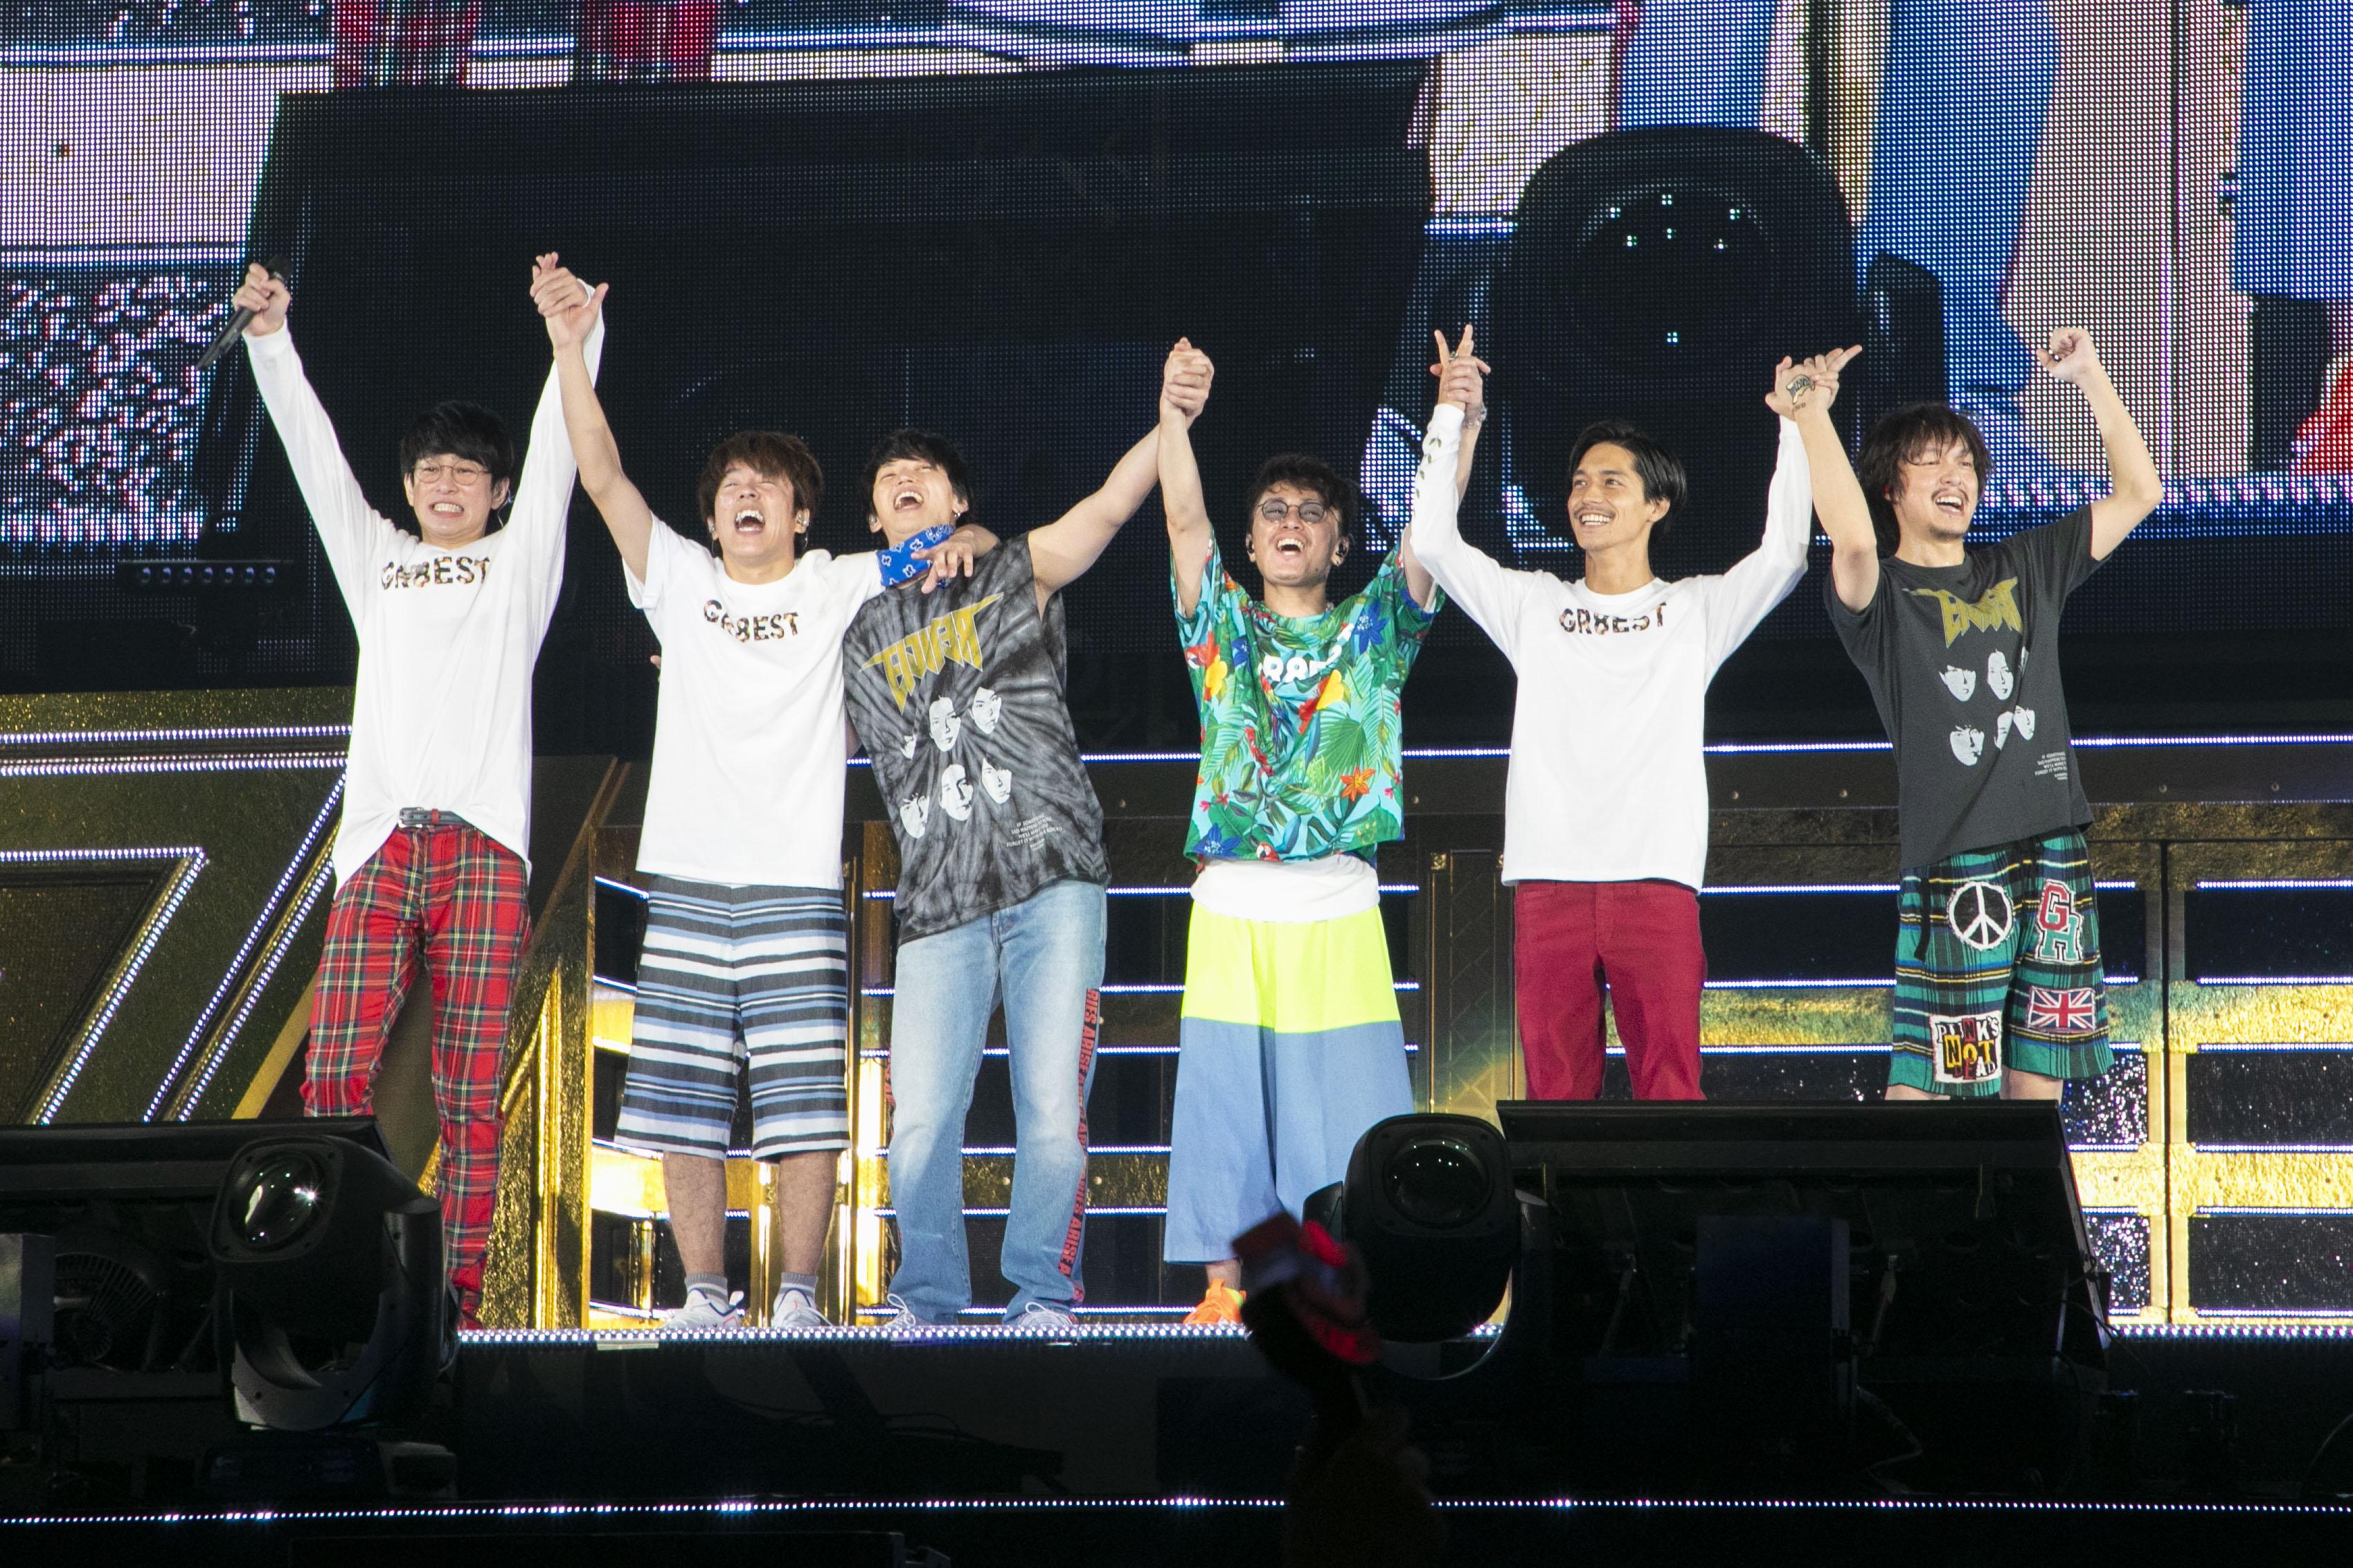 「関ジャニ∞」6人体制で初のツアー 東京ドーム公演で22万人動員